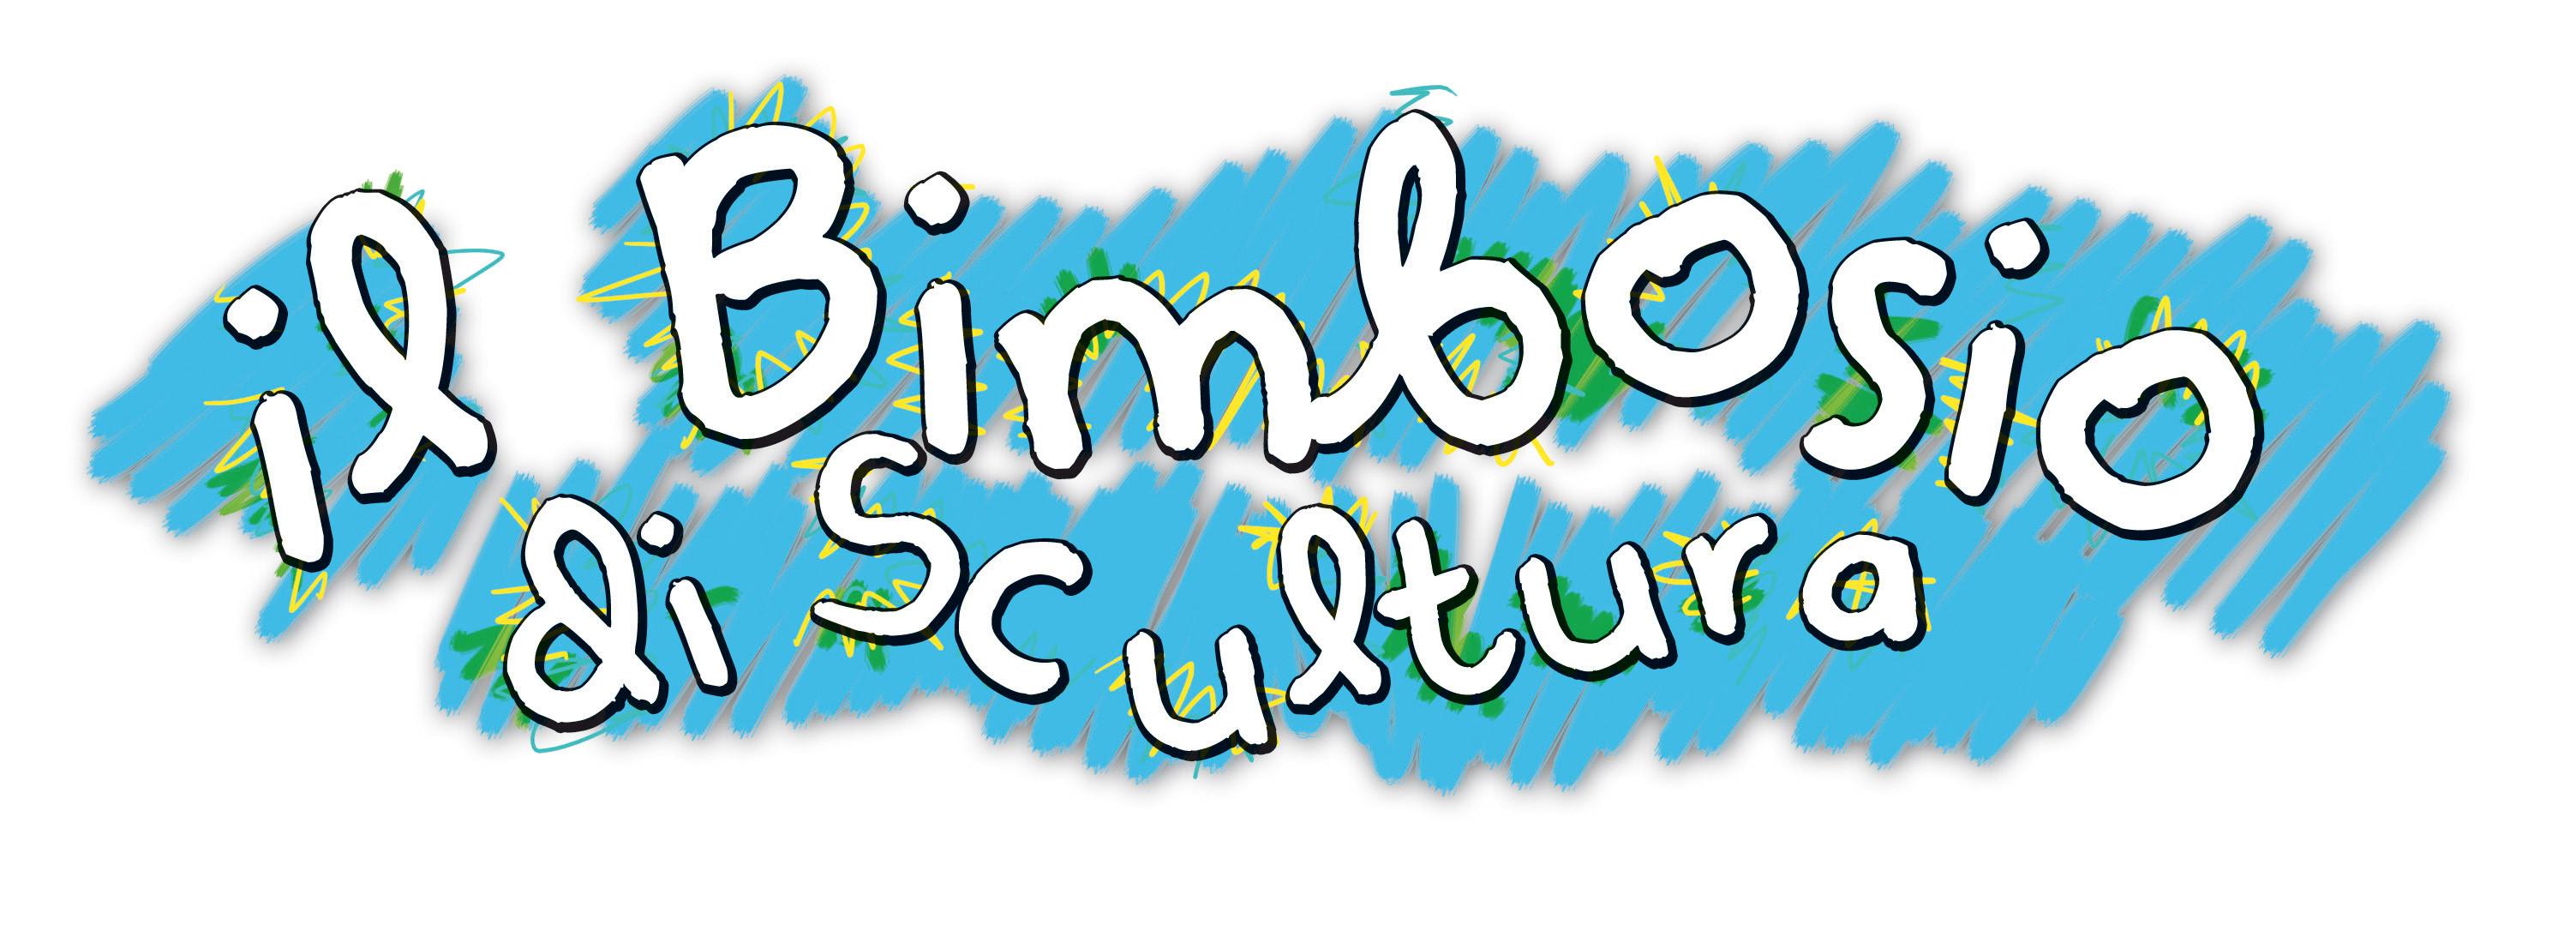 Bimbosio